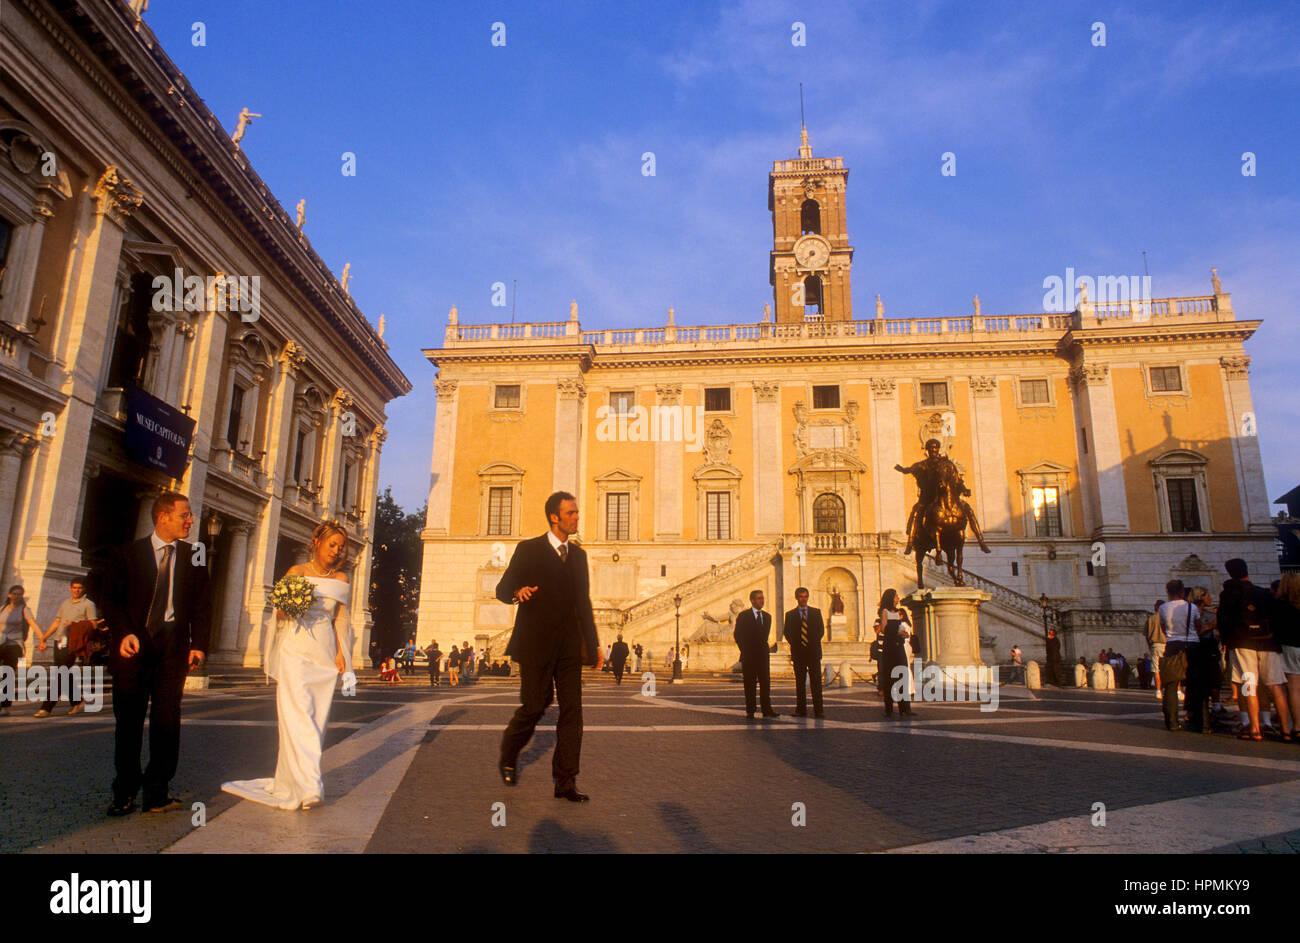 Piazza Del Campidoglio By Michelangelo, And Palazzo Senatorio, Rome, Italy